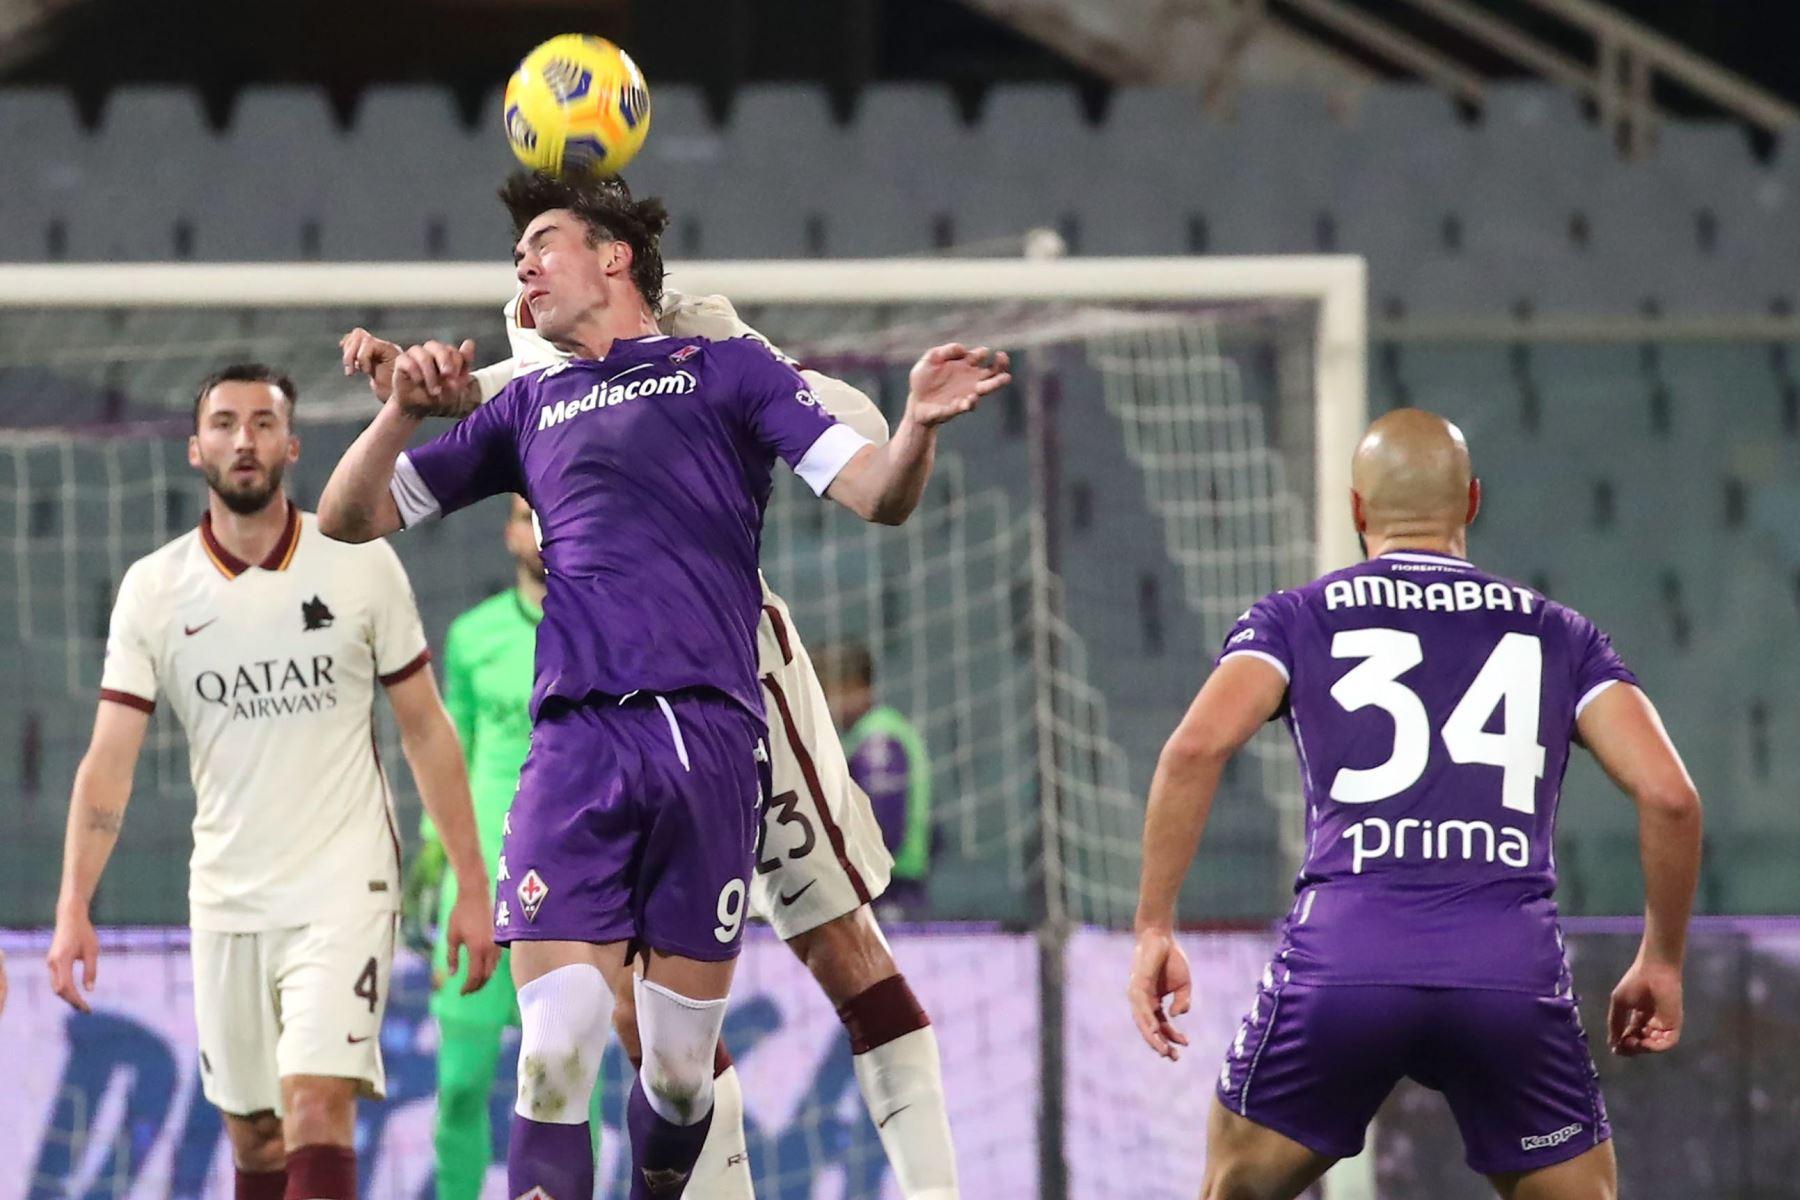 El delantero de la Fiorentina Dusan Vlahovic en acción durante el partido de fútbol de la Serie A. Foto: EFE